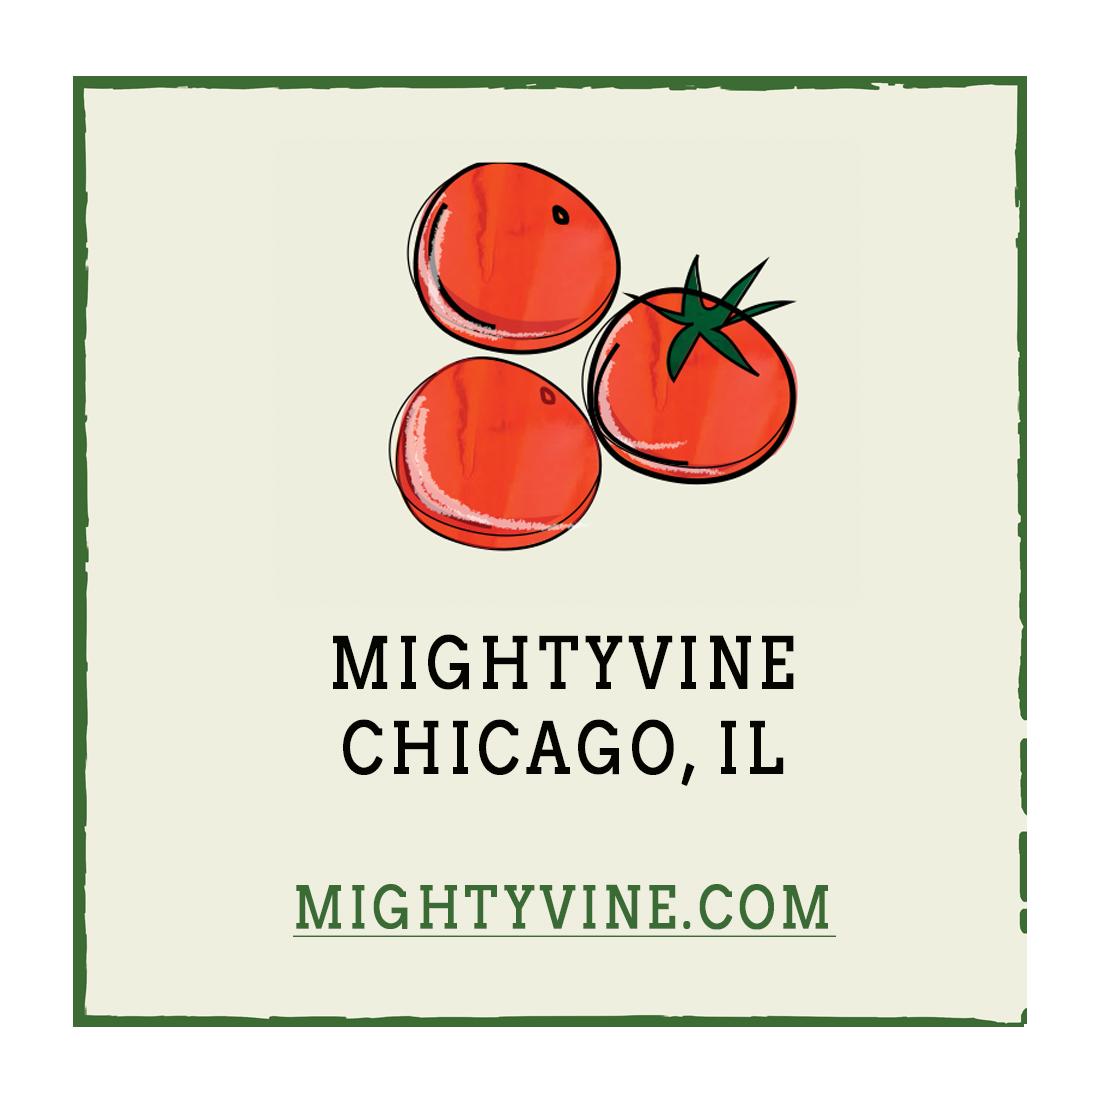 MightyVine